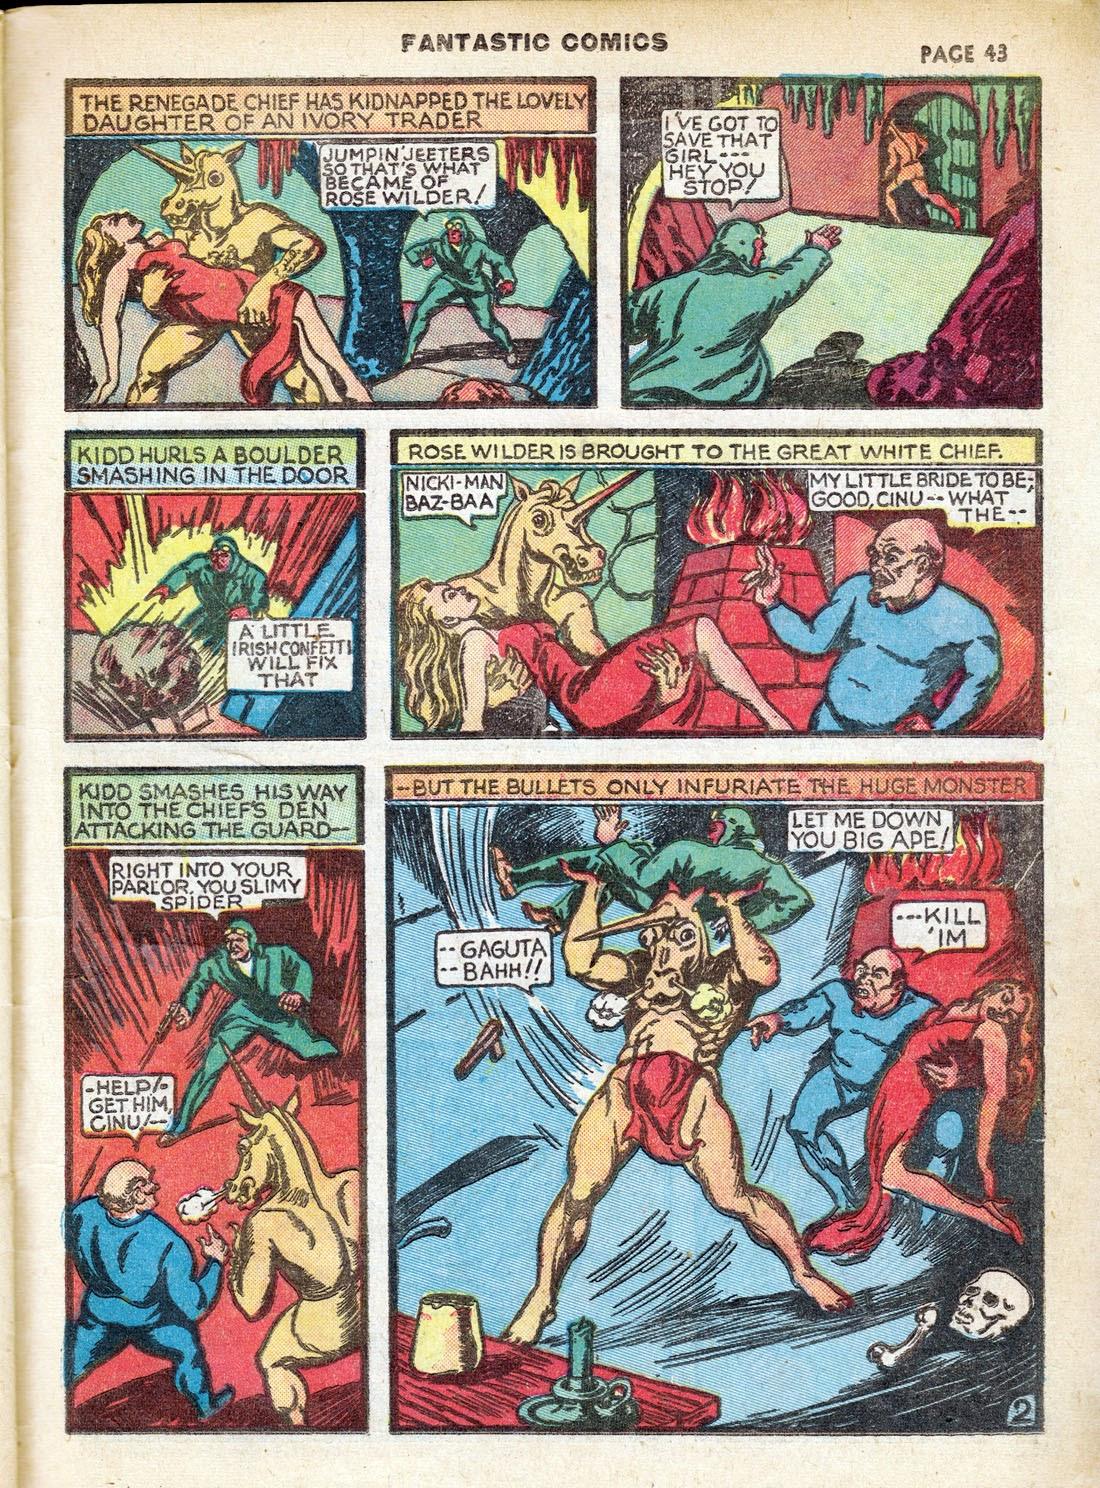 Read online Fantastic Comics comic -  Issue #7 - 45